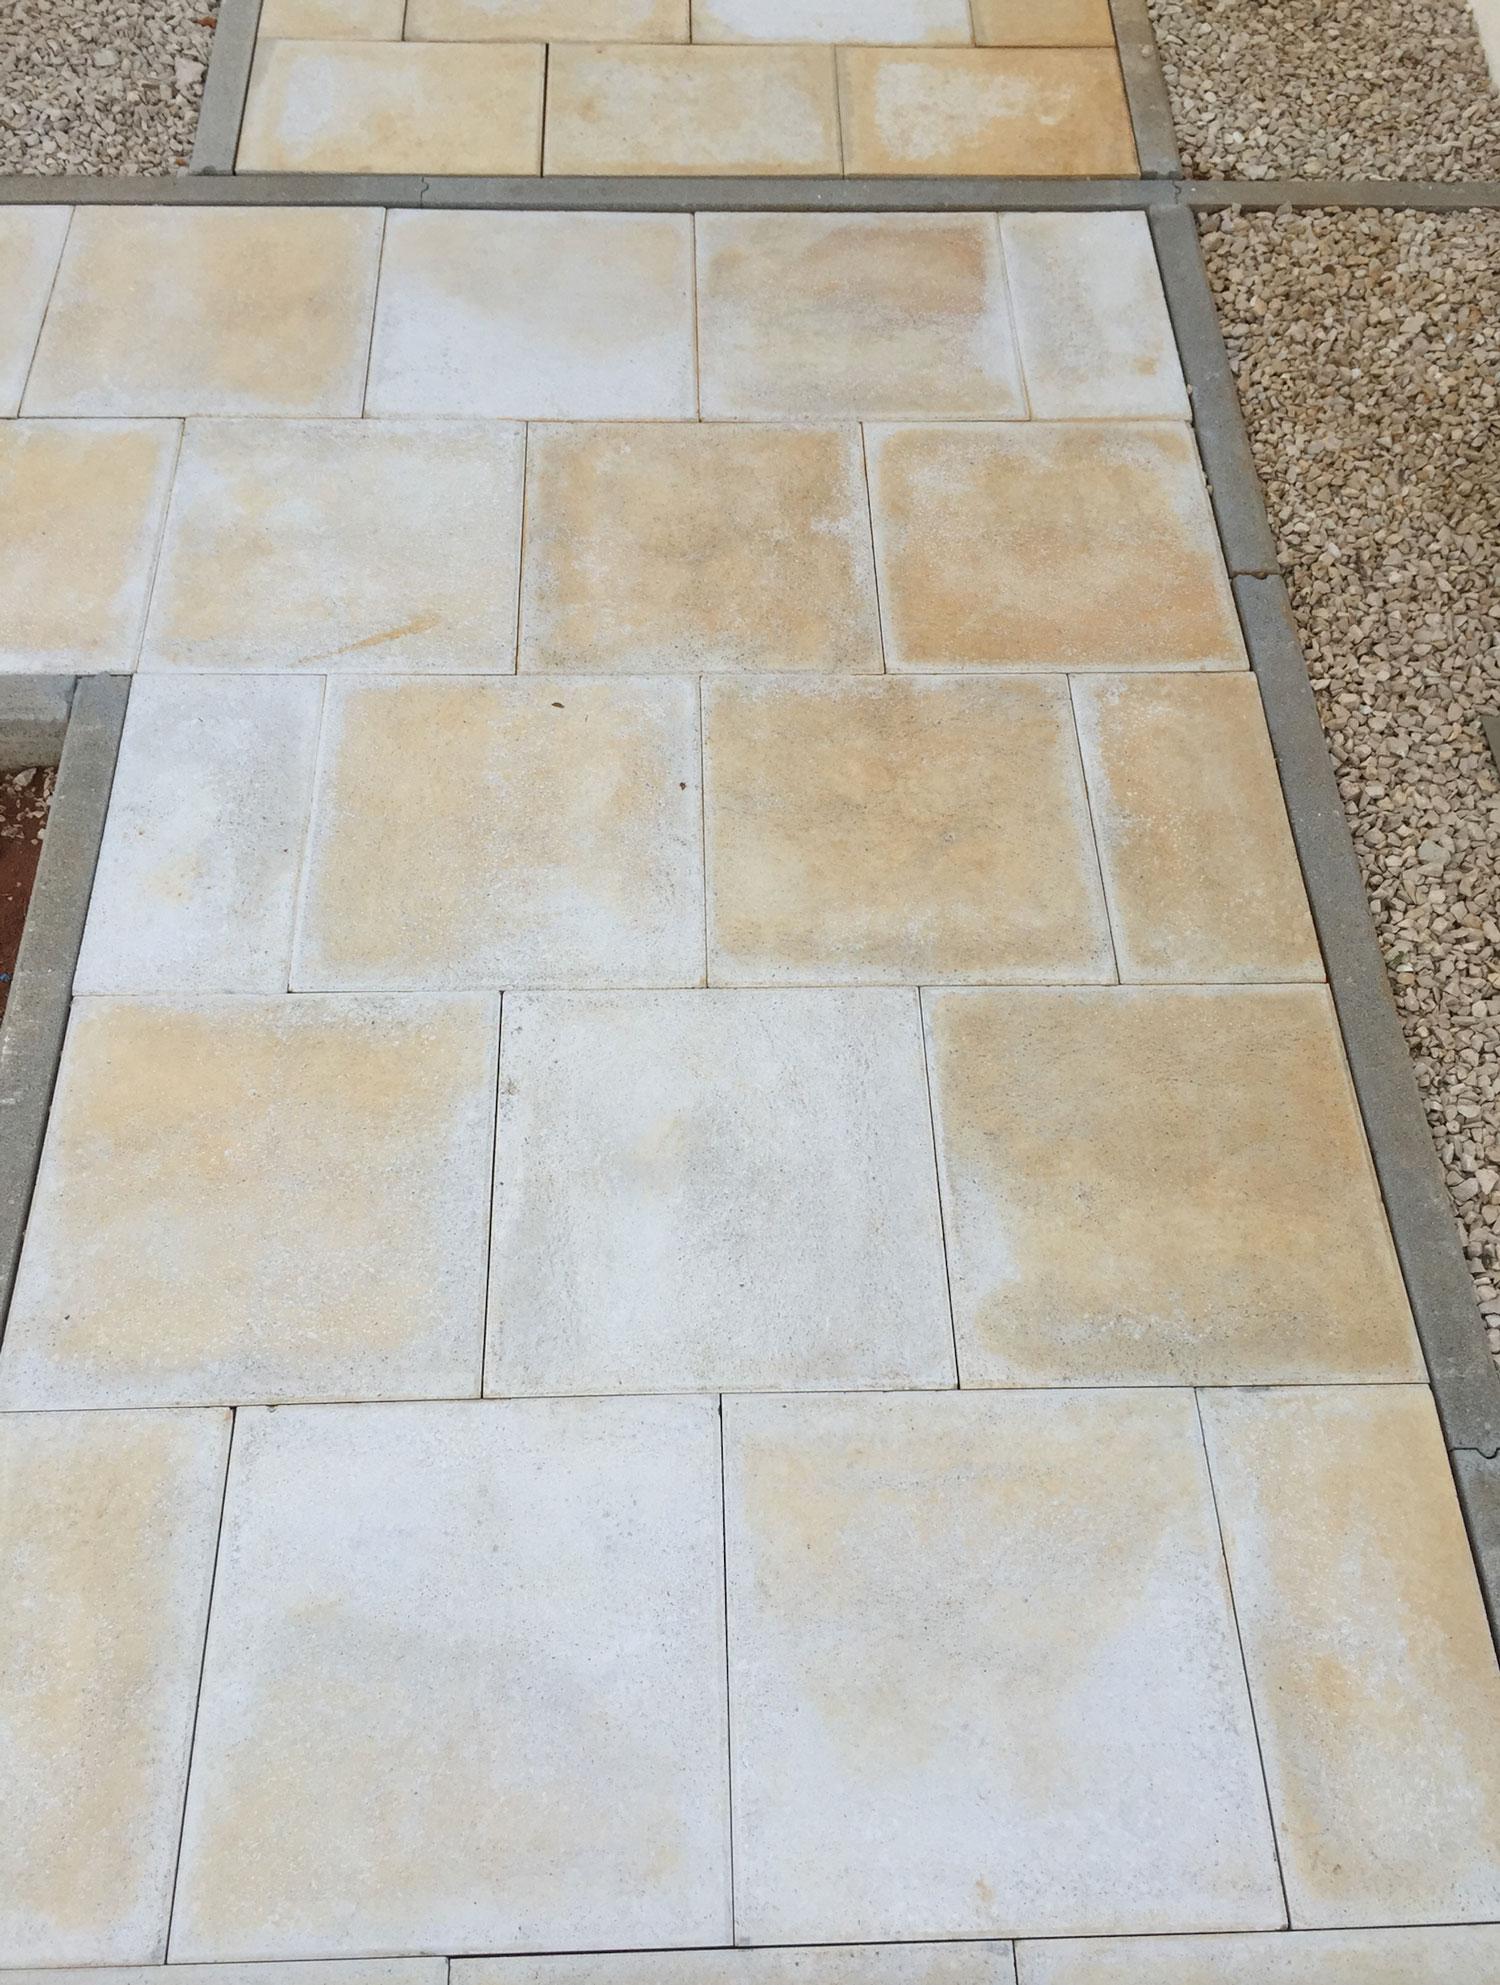 reinigungsmittel f r betonplatten terrassenplatten haus garten steinplatten. Black Bedroom Furniture Sets. Home Design Ideas